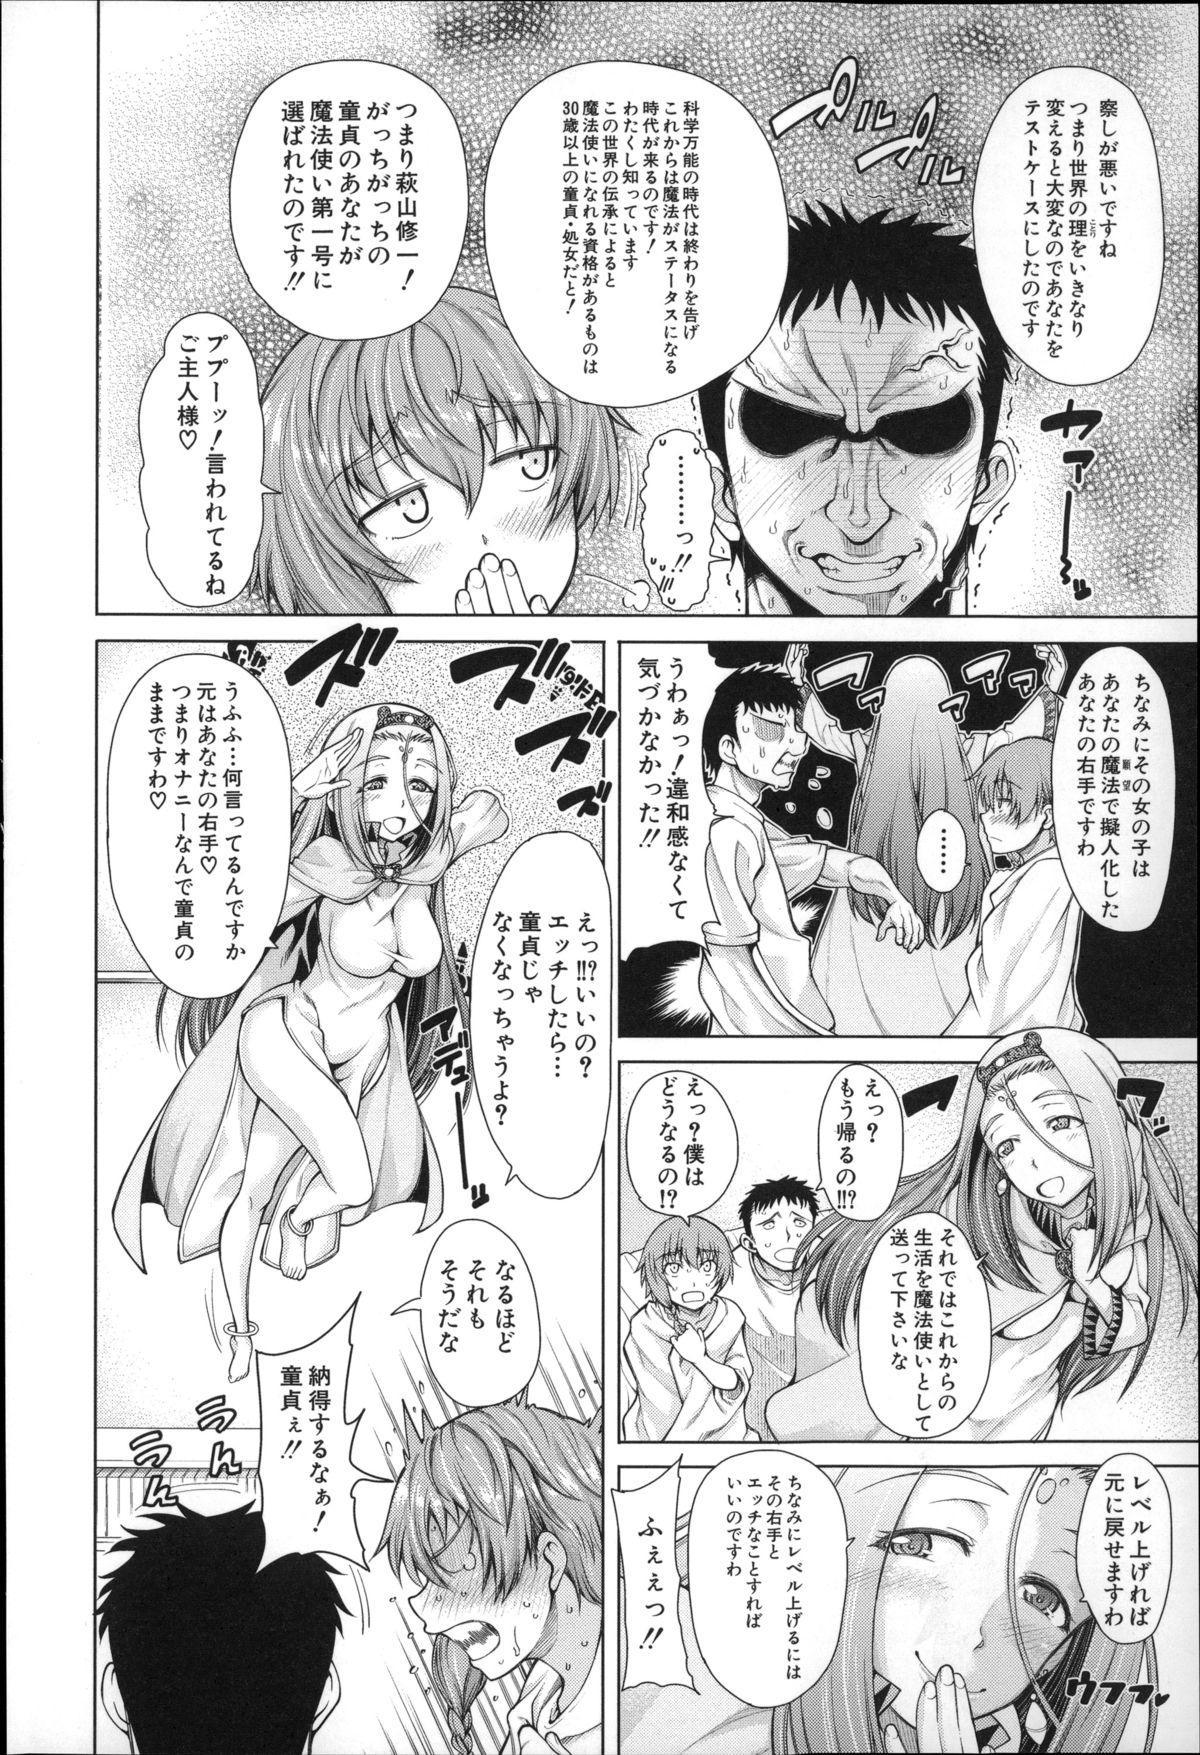 Migite ga Bishoujo ni Natta kara Sex Shita kedo Doutei dayone!! 10